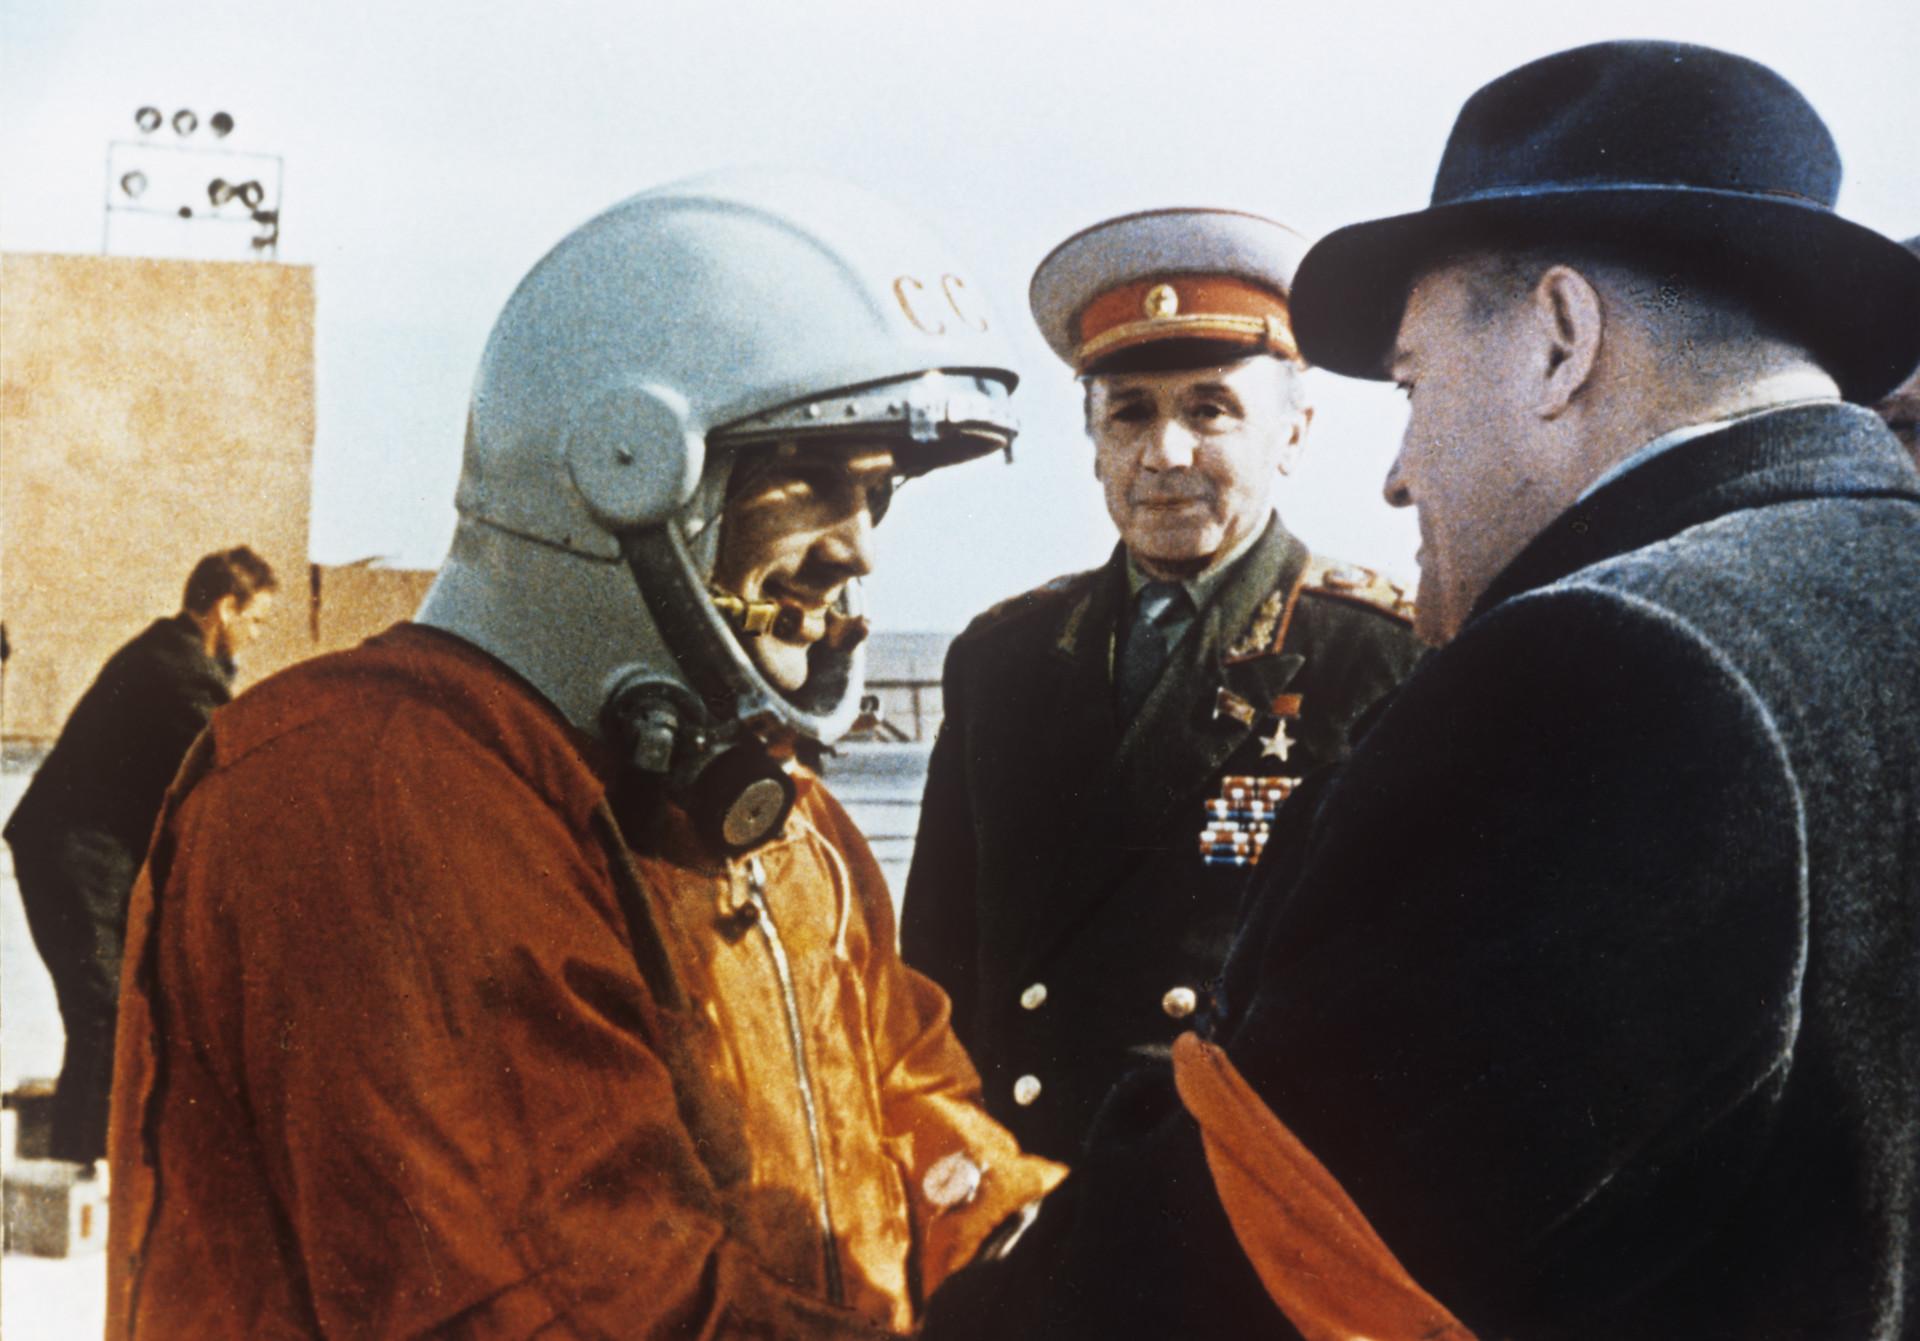 Yuri Gagarin, el primer hombre en el espacio, con el ingeniero Serguéi Koroliov, el ingeniero y diseñador de cohetes durante la carrera espacial.